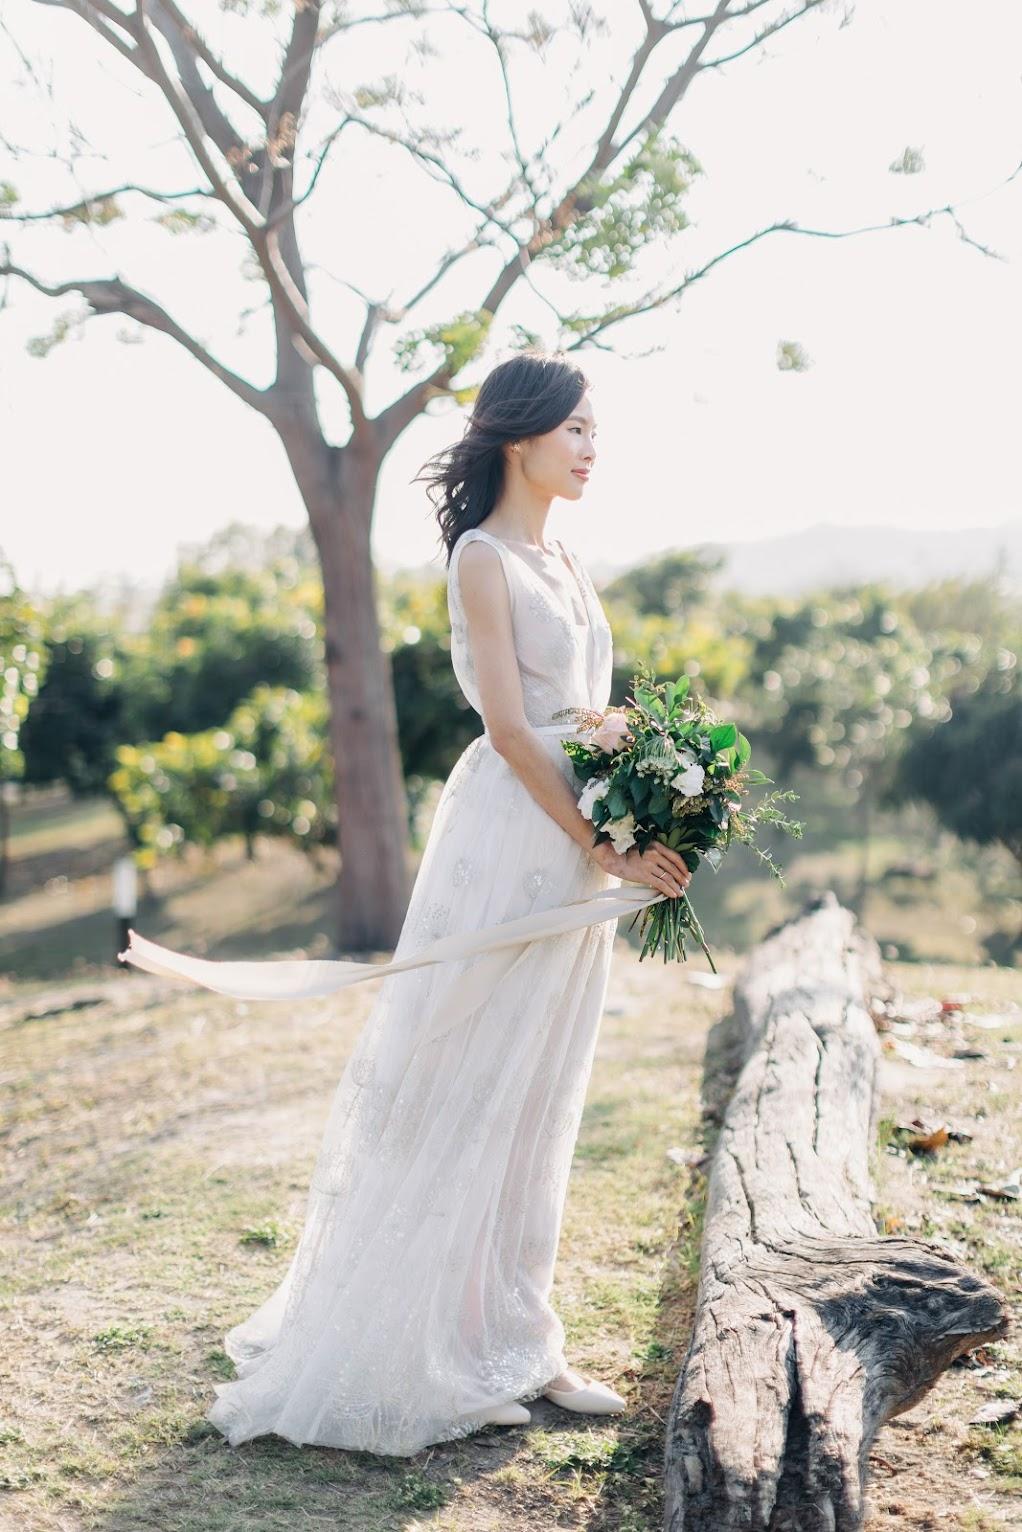 在 老新臺菜 舉行陽光正好的美式婚禮 ,是每位新娘夢寐以求的婚禮樣式!